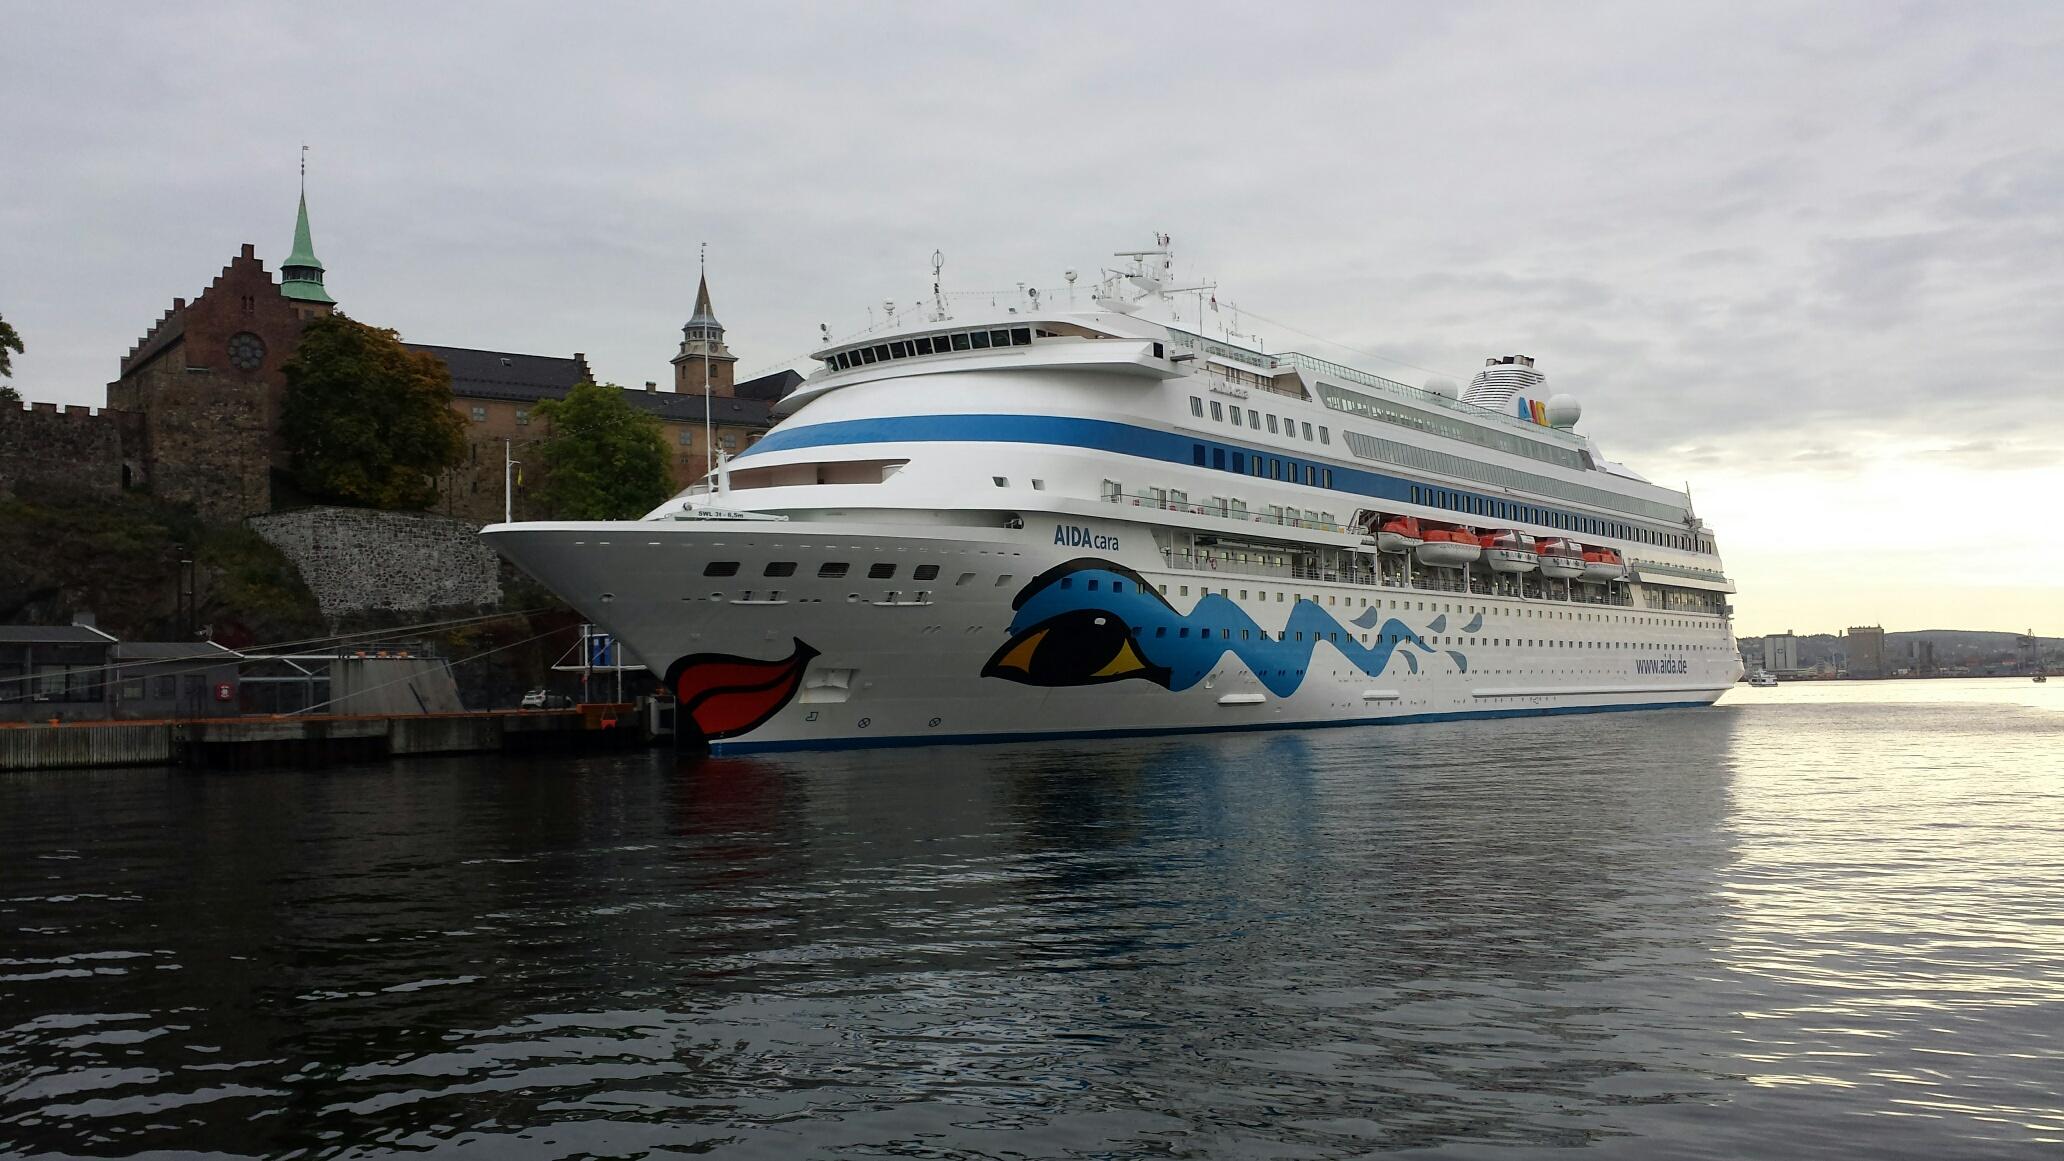 AIDAcara ved kai i Oslo. Foto Odd Bjørn Bekkeheien, Stavanger Havn